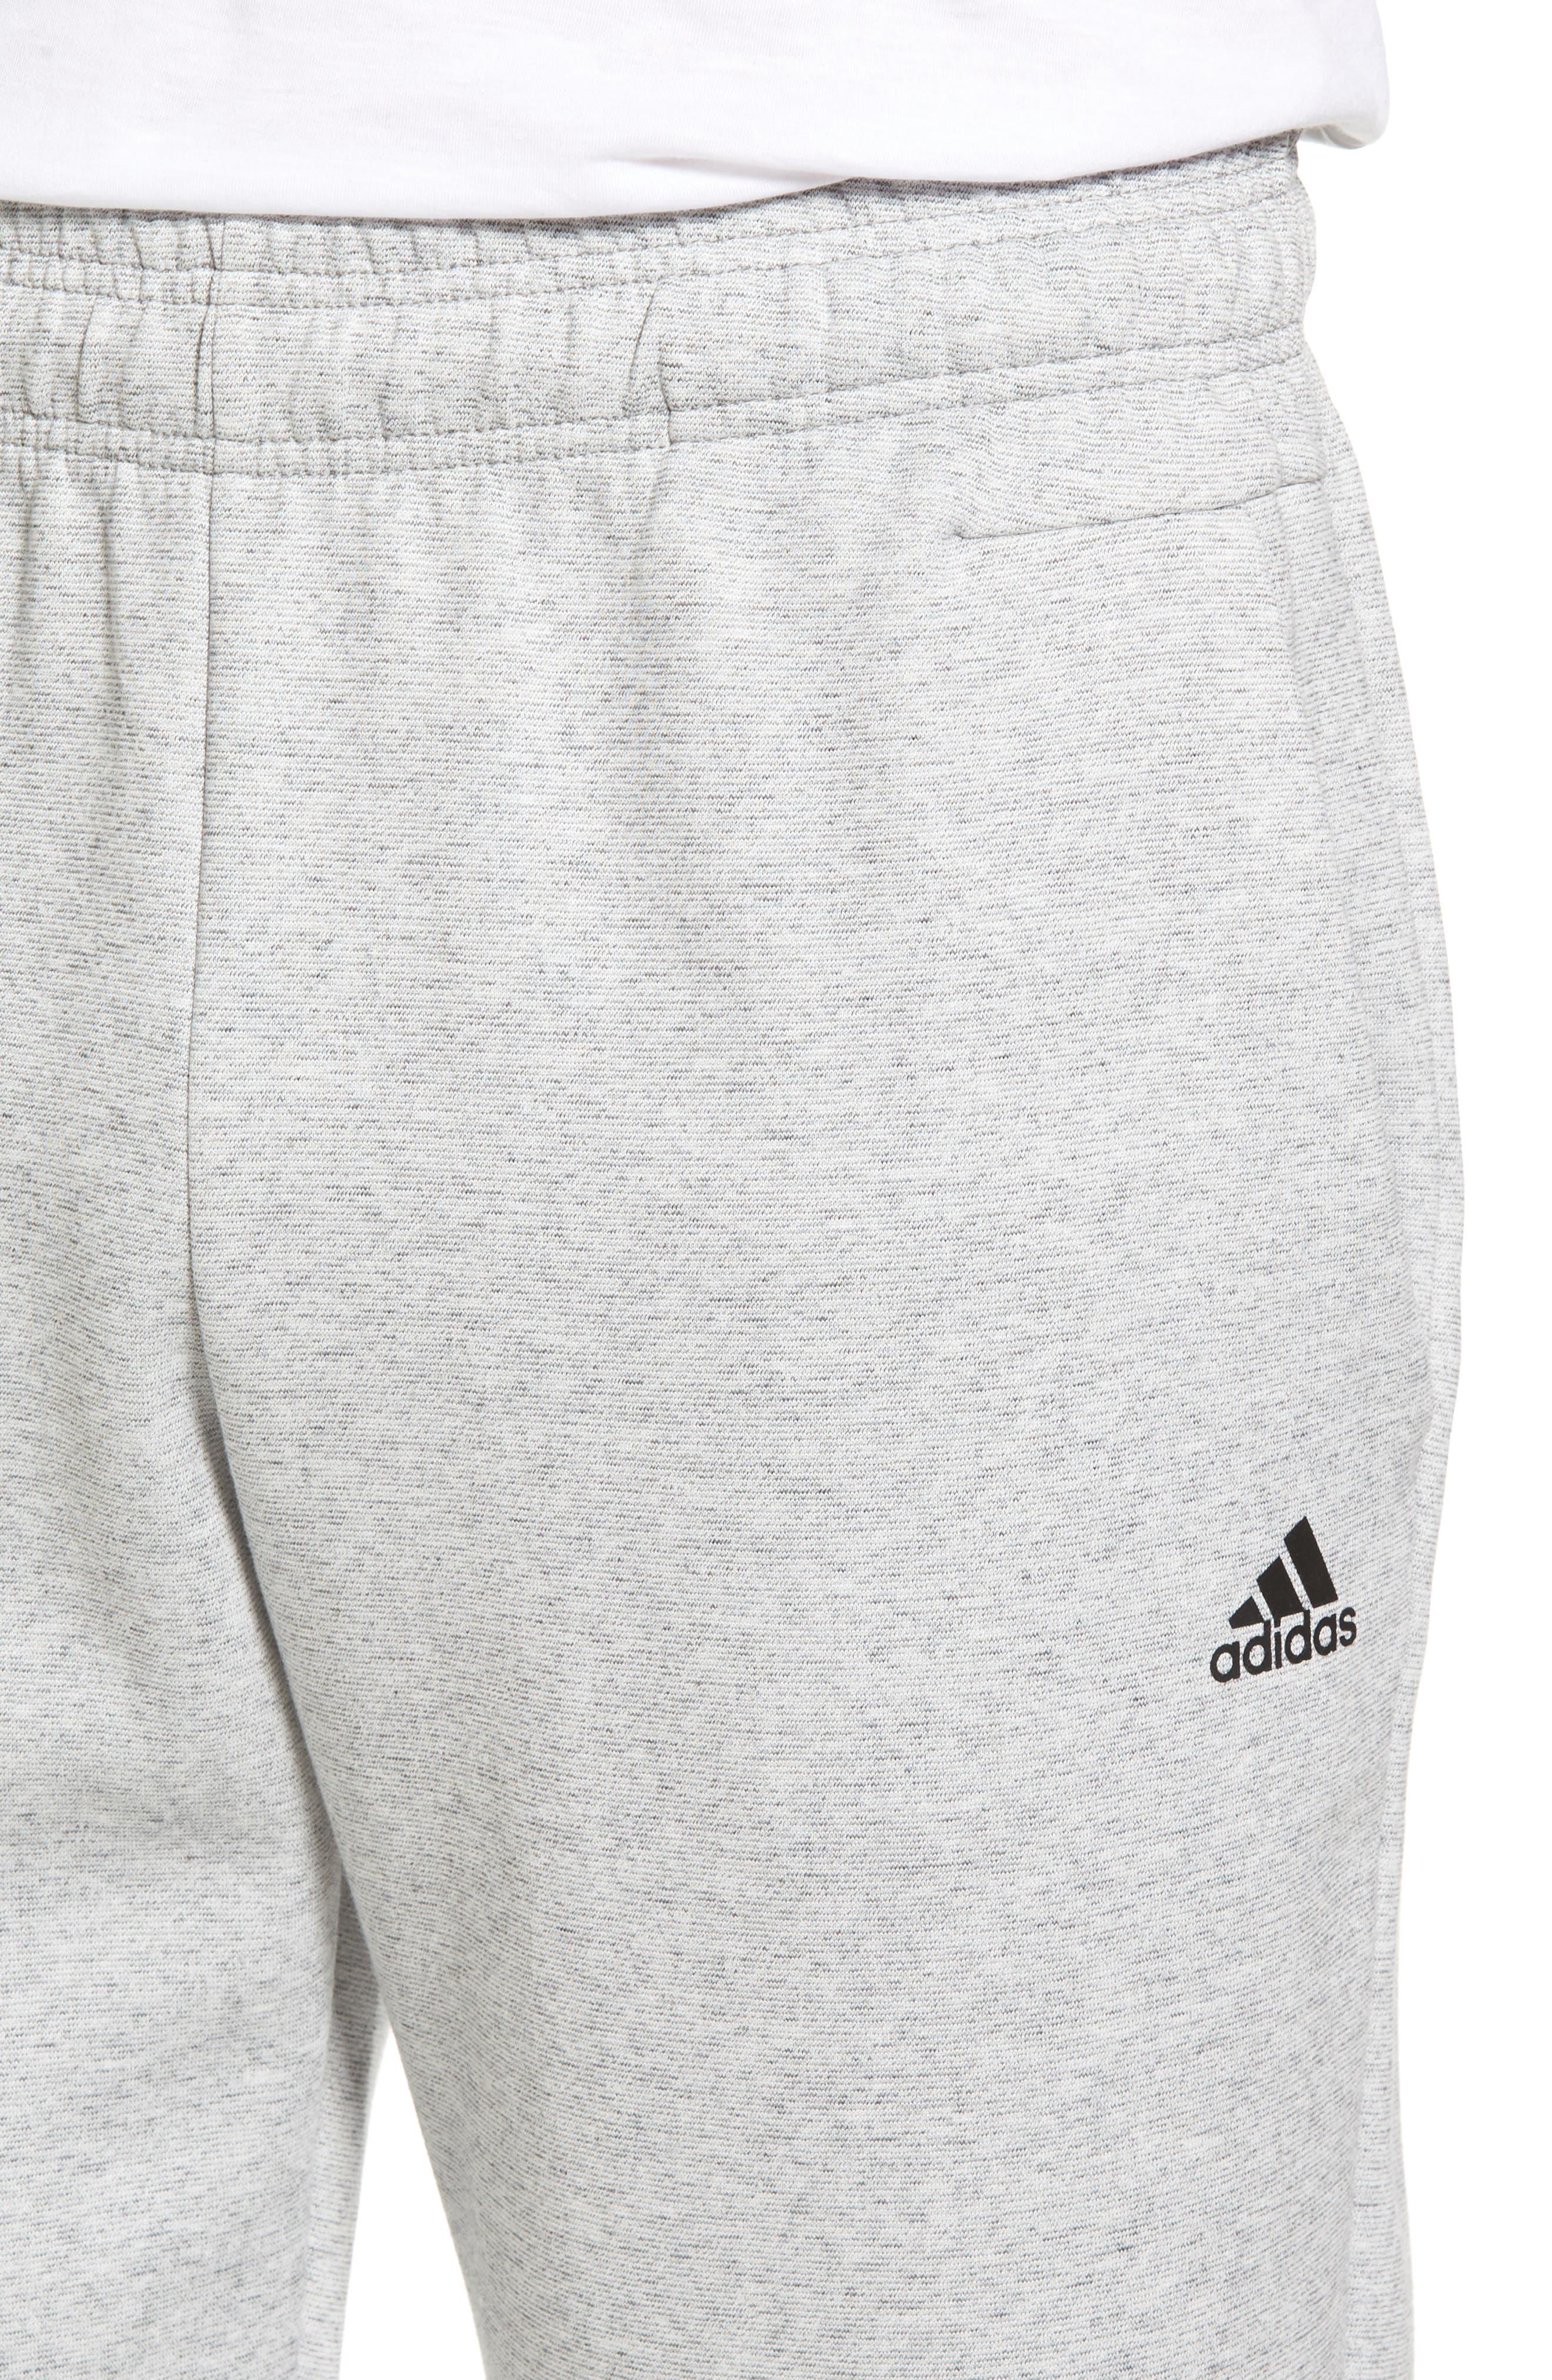 ID Stadium Knit Pants,                             Alternate thumbnail 4, color,                             STADIUM HEATHER/ BLACK